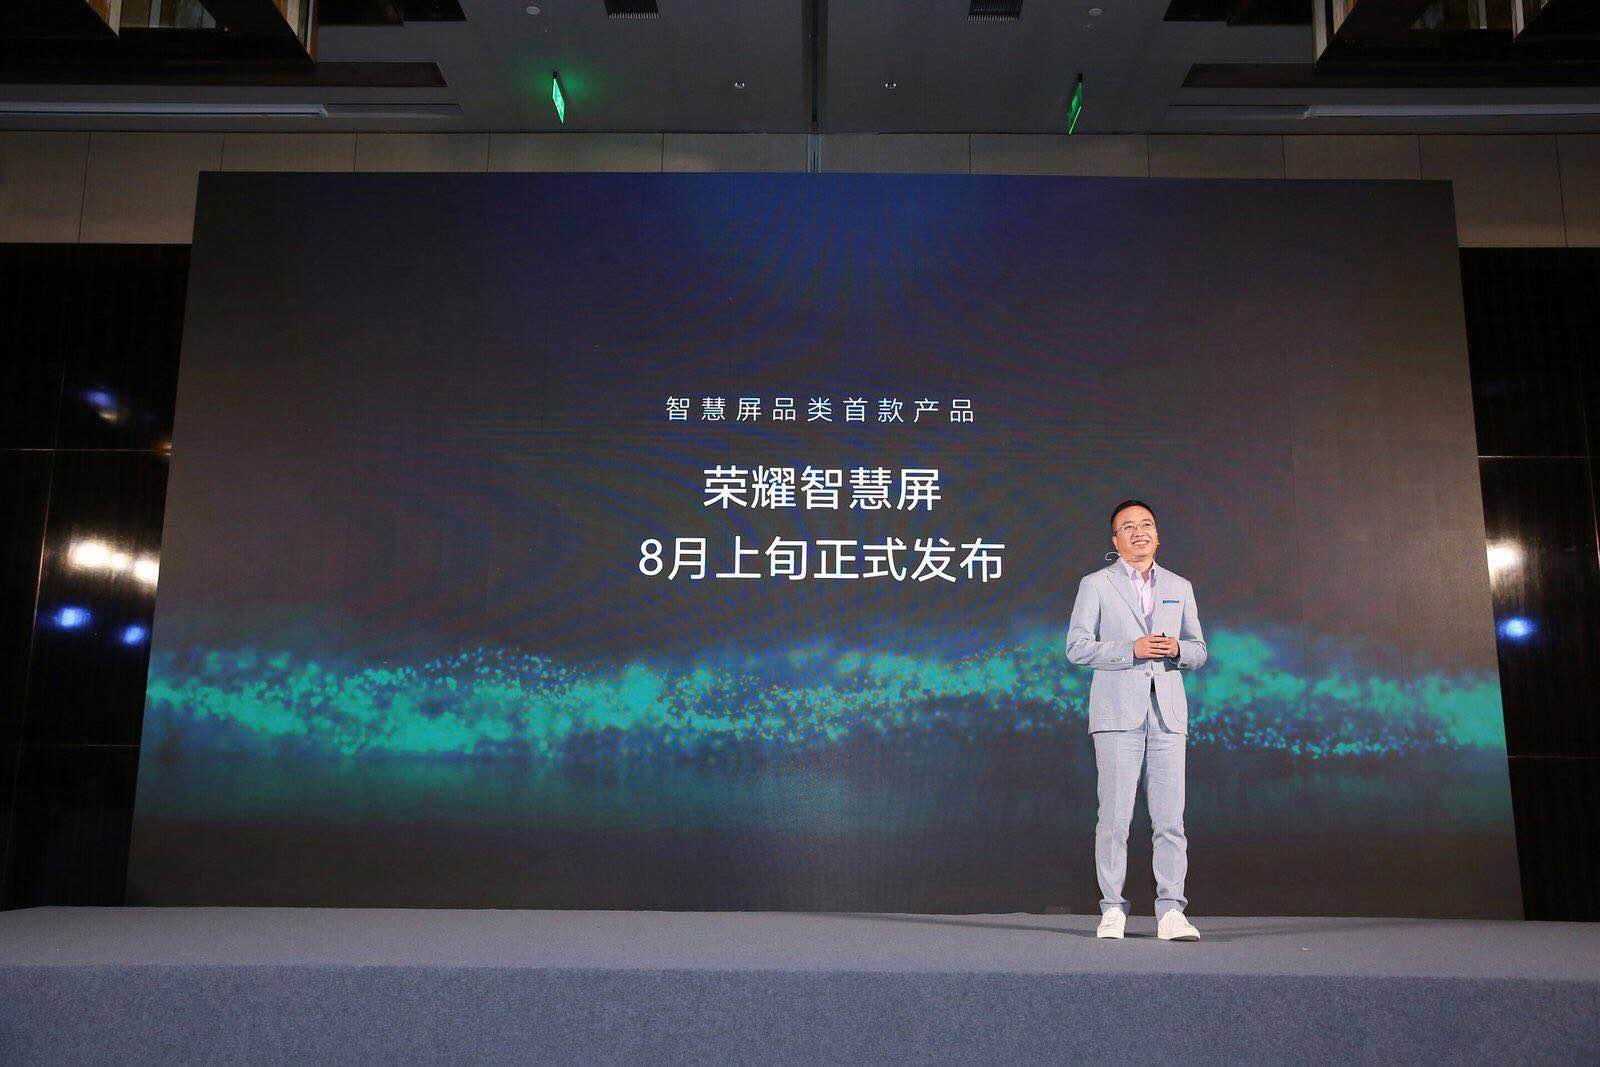 实锤!荣耀智慧屏将在华为开发者大会发布 或将配鸿蒙系统